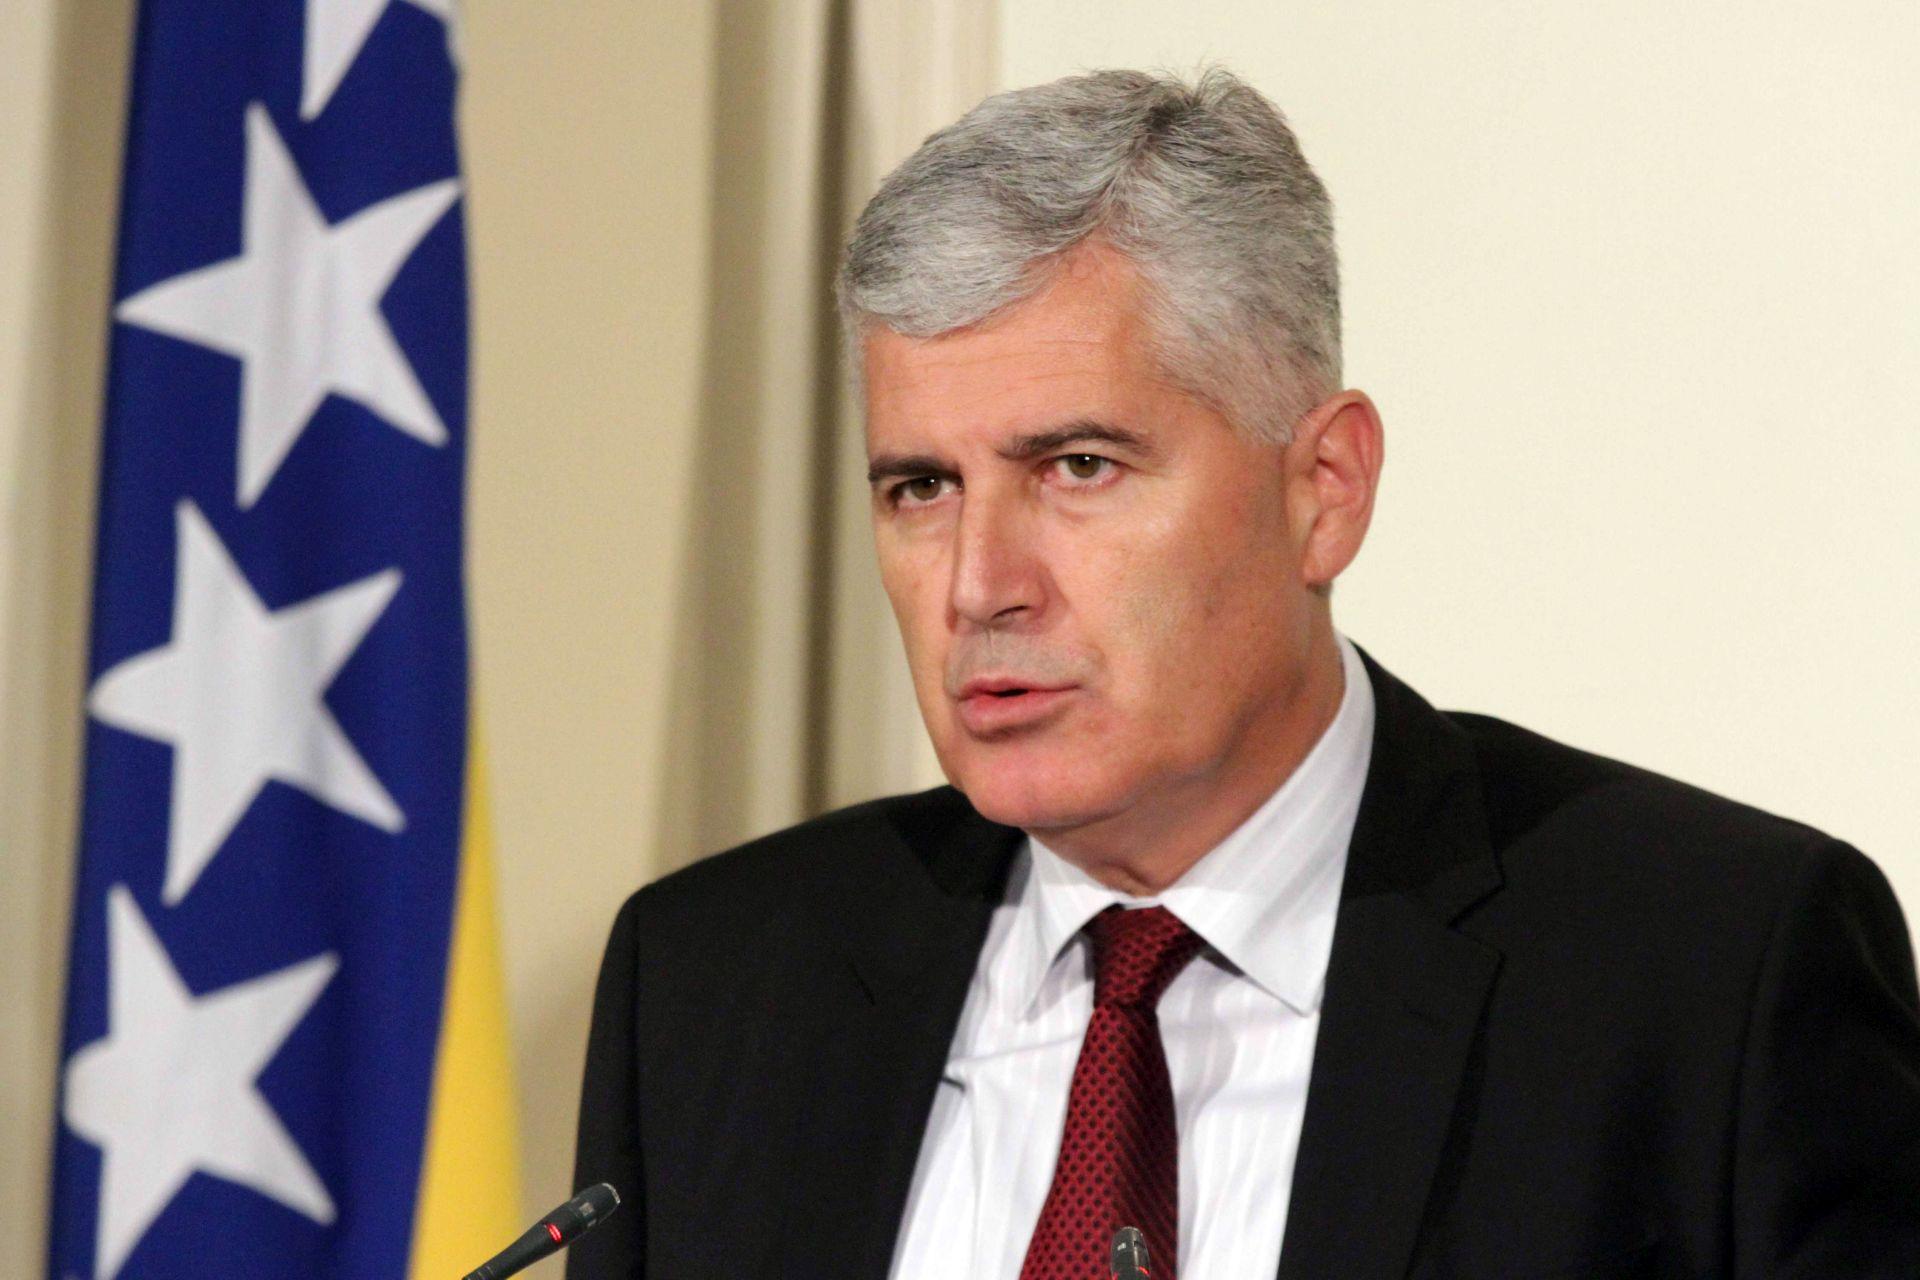 Čović od Zagreba očekuje da podrži legitimno predstavljanje Hrvata u BiH